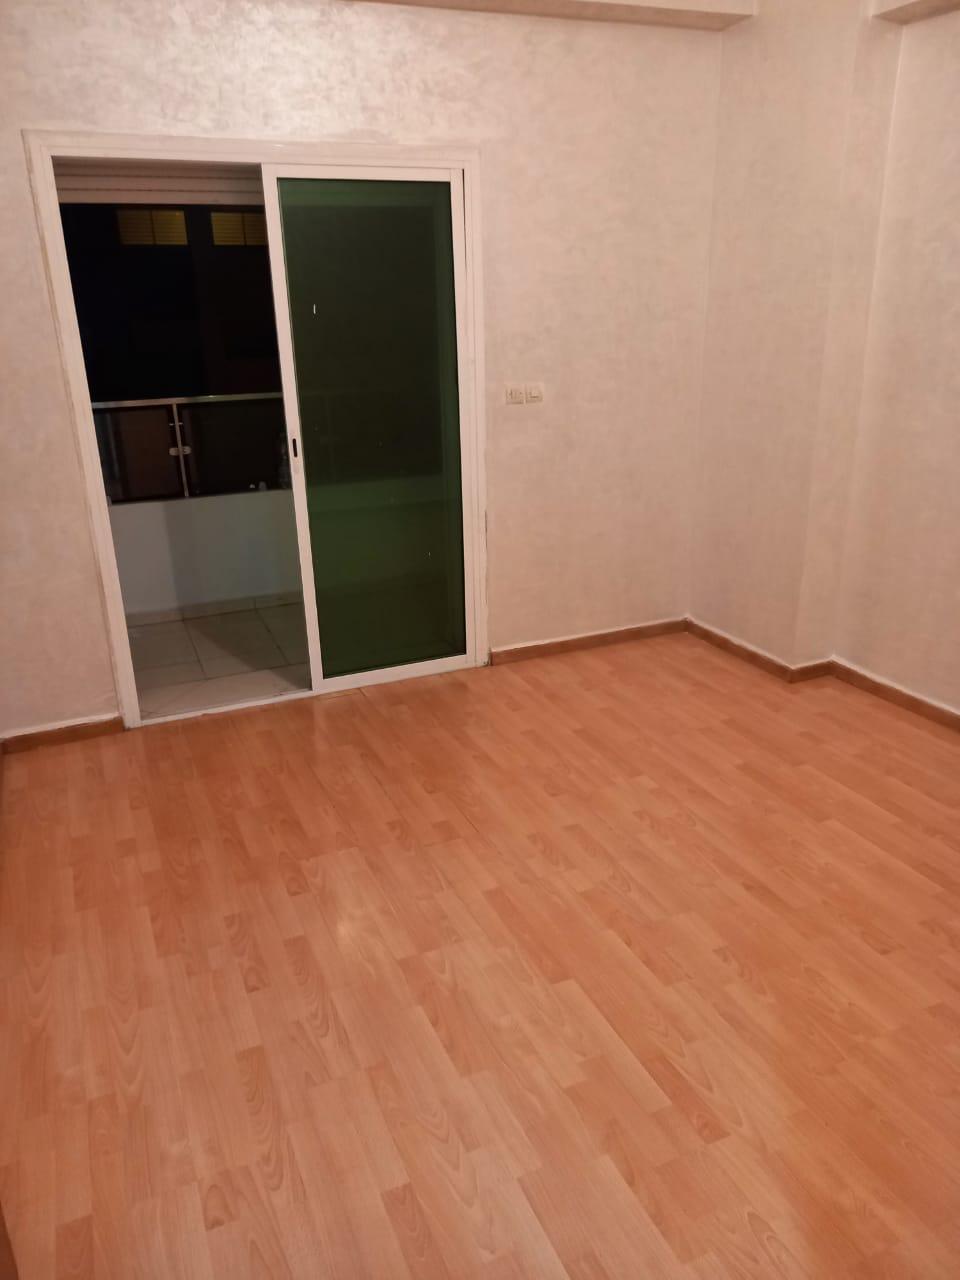 vente très  belle appartement à  Kenitra